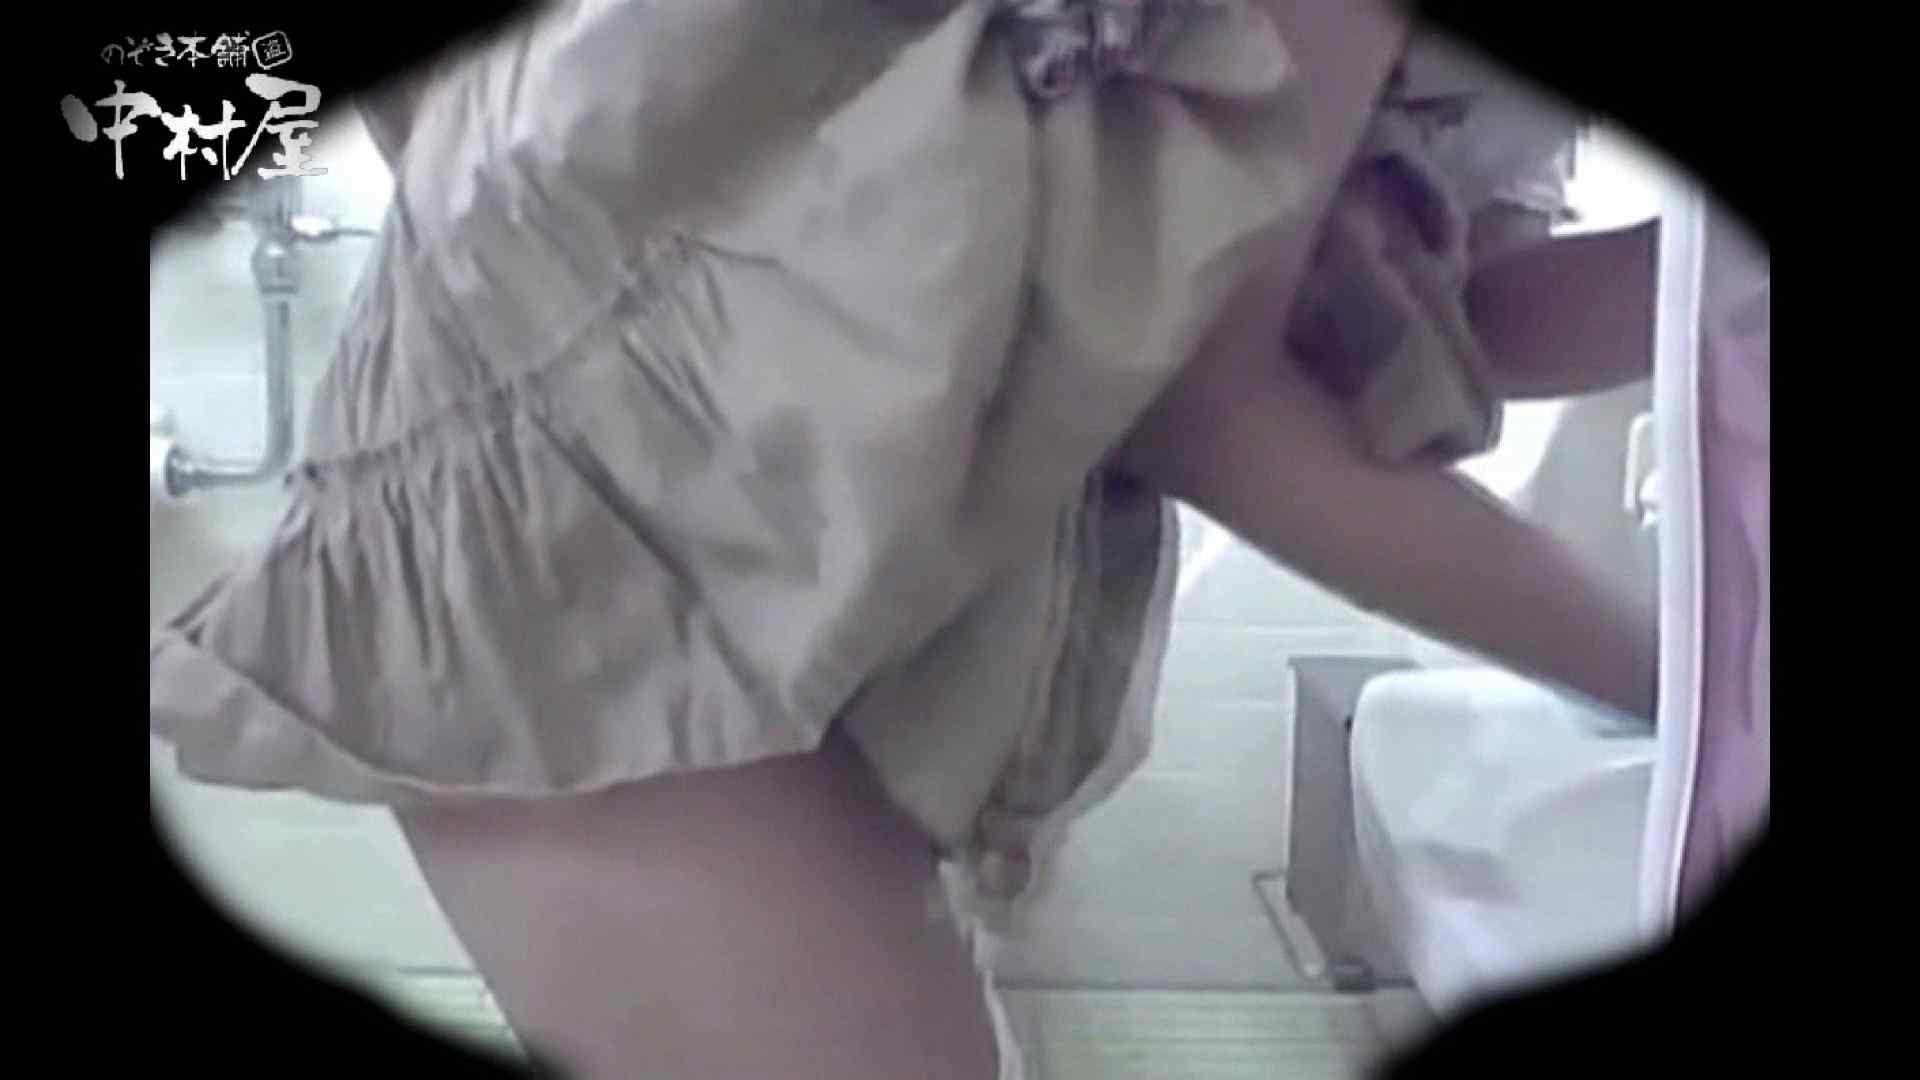 teen galトイレ覗き紙がナイ編‼vol.09 HなOL   覗き  96pic 54